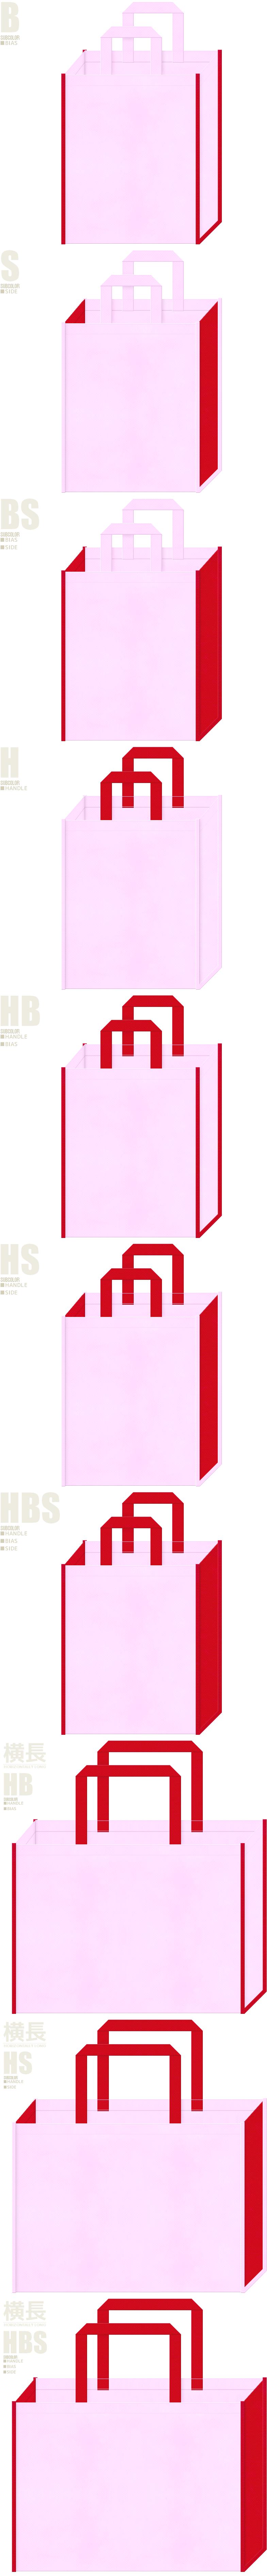 明るめのピンク色と紅色、7パターンの不織布トートバッグ配色デザイン例。